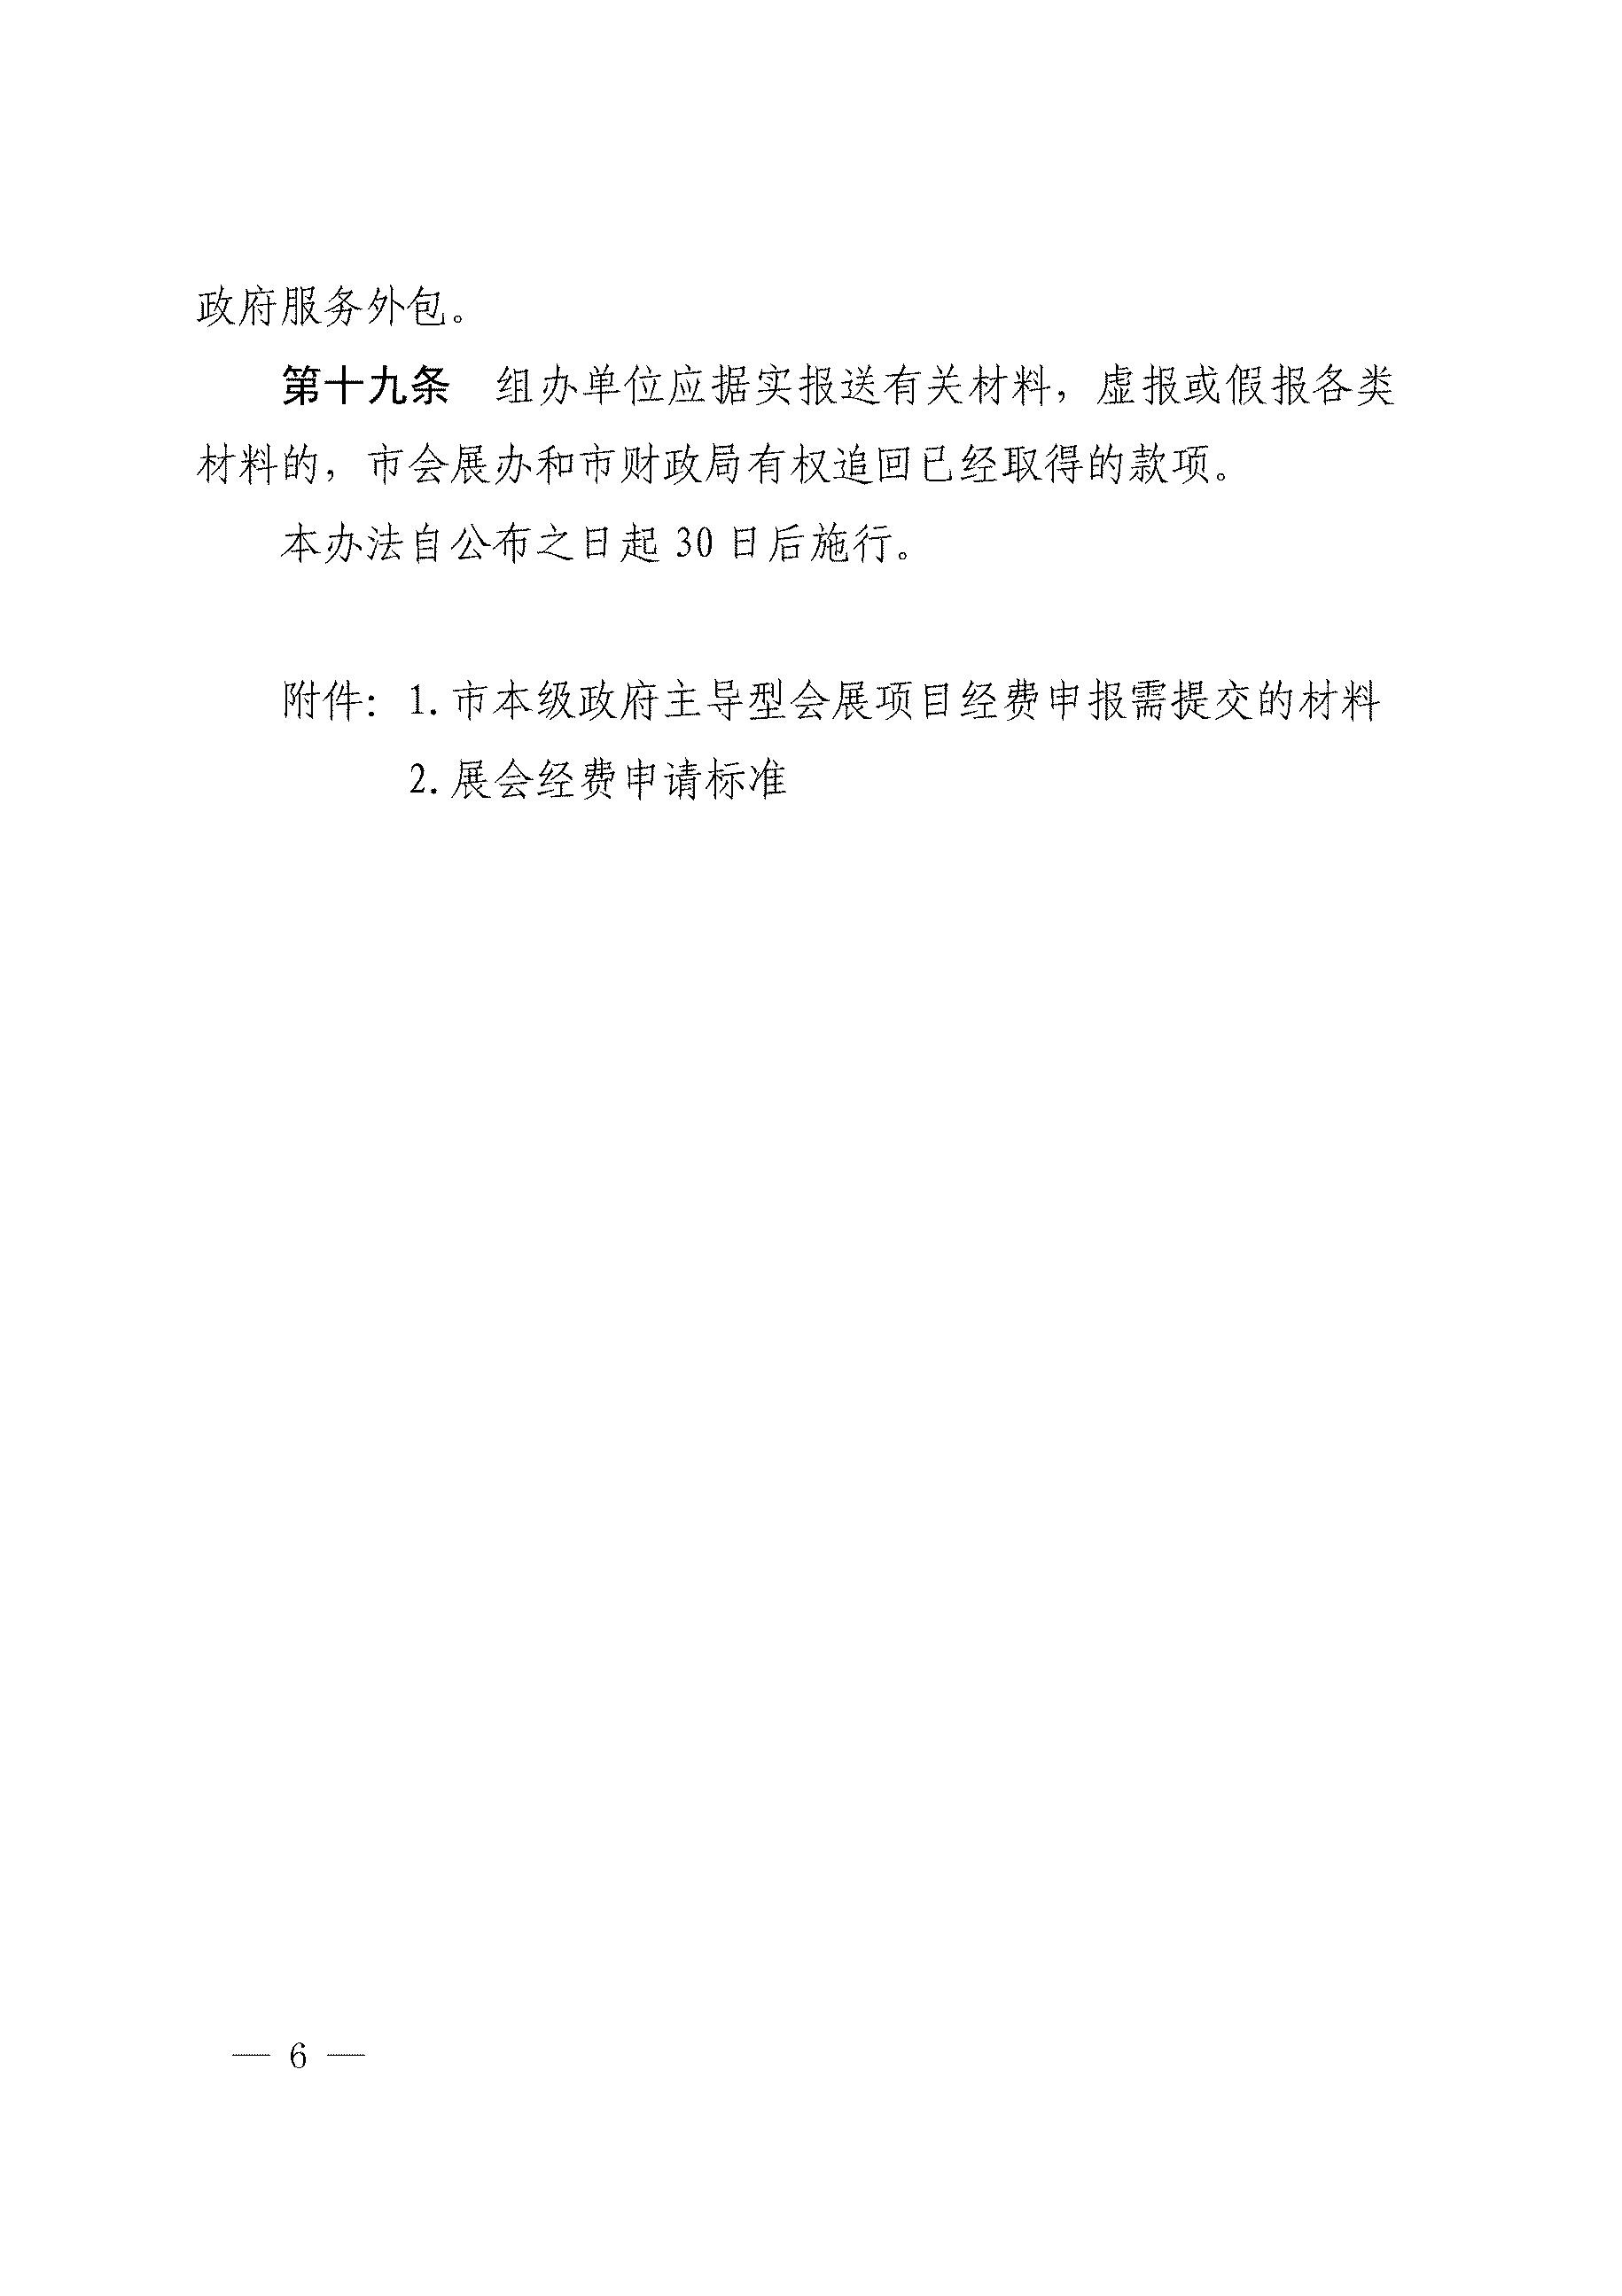 【新】宁波市人民政府办公厅关于印发宁波市本级政府主导型会展项目和经费使用管理办法的通知_p6.jpg